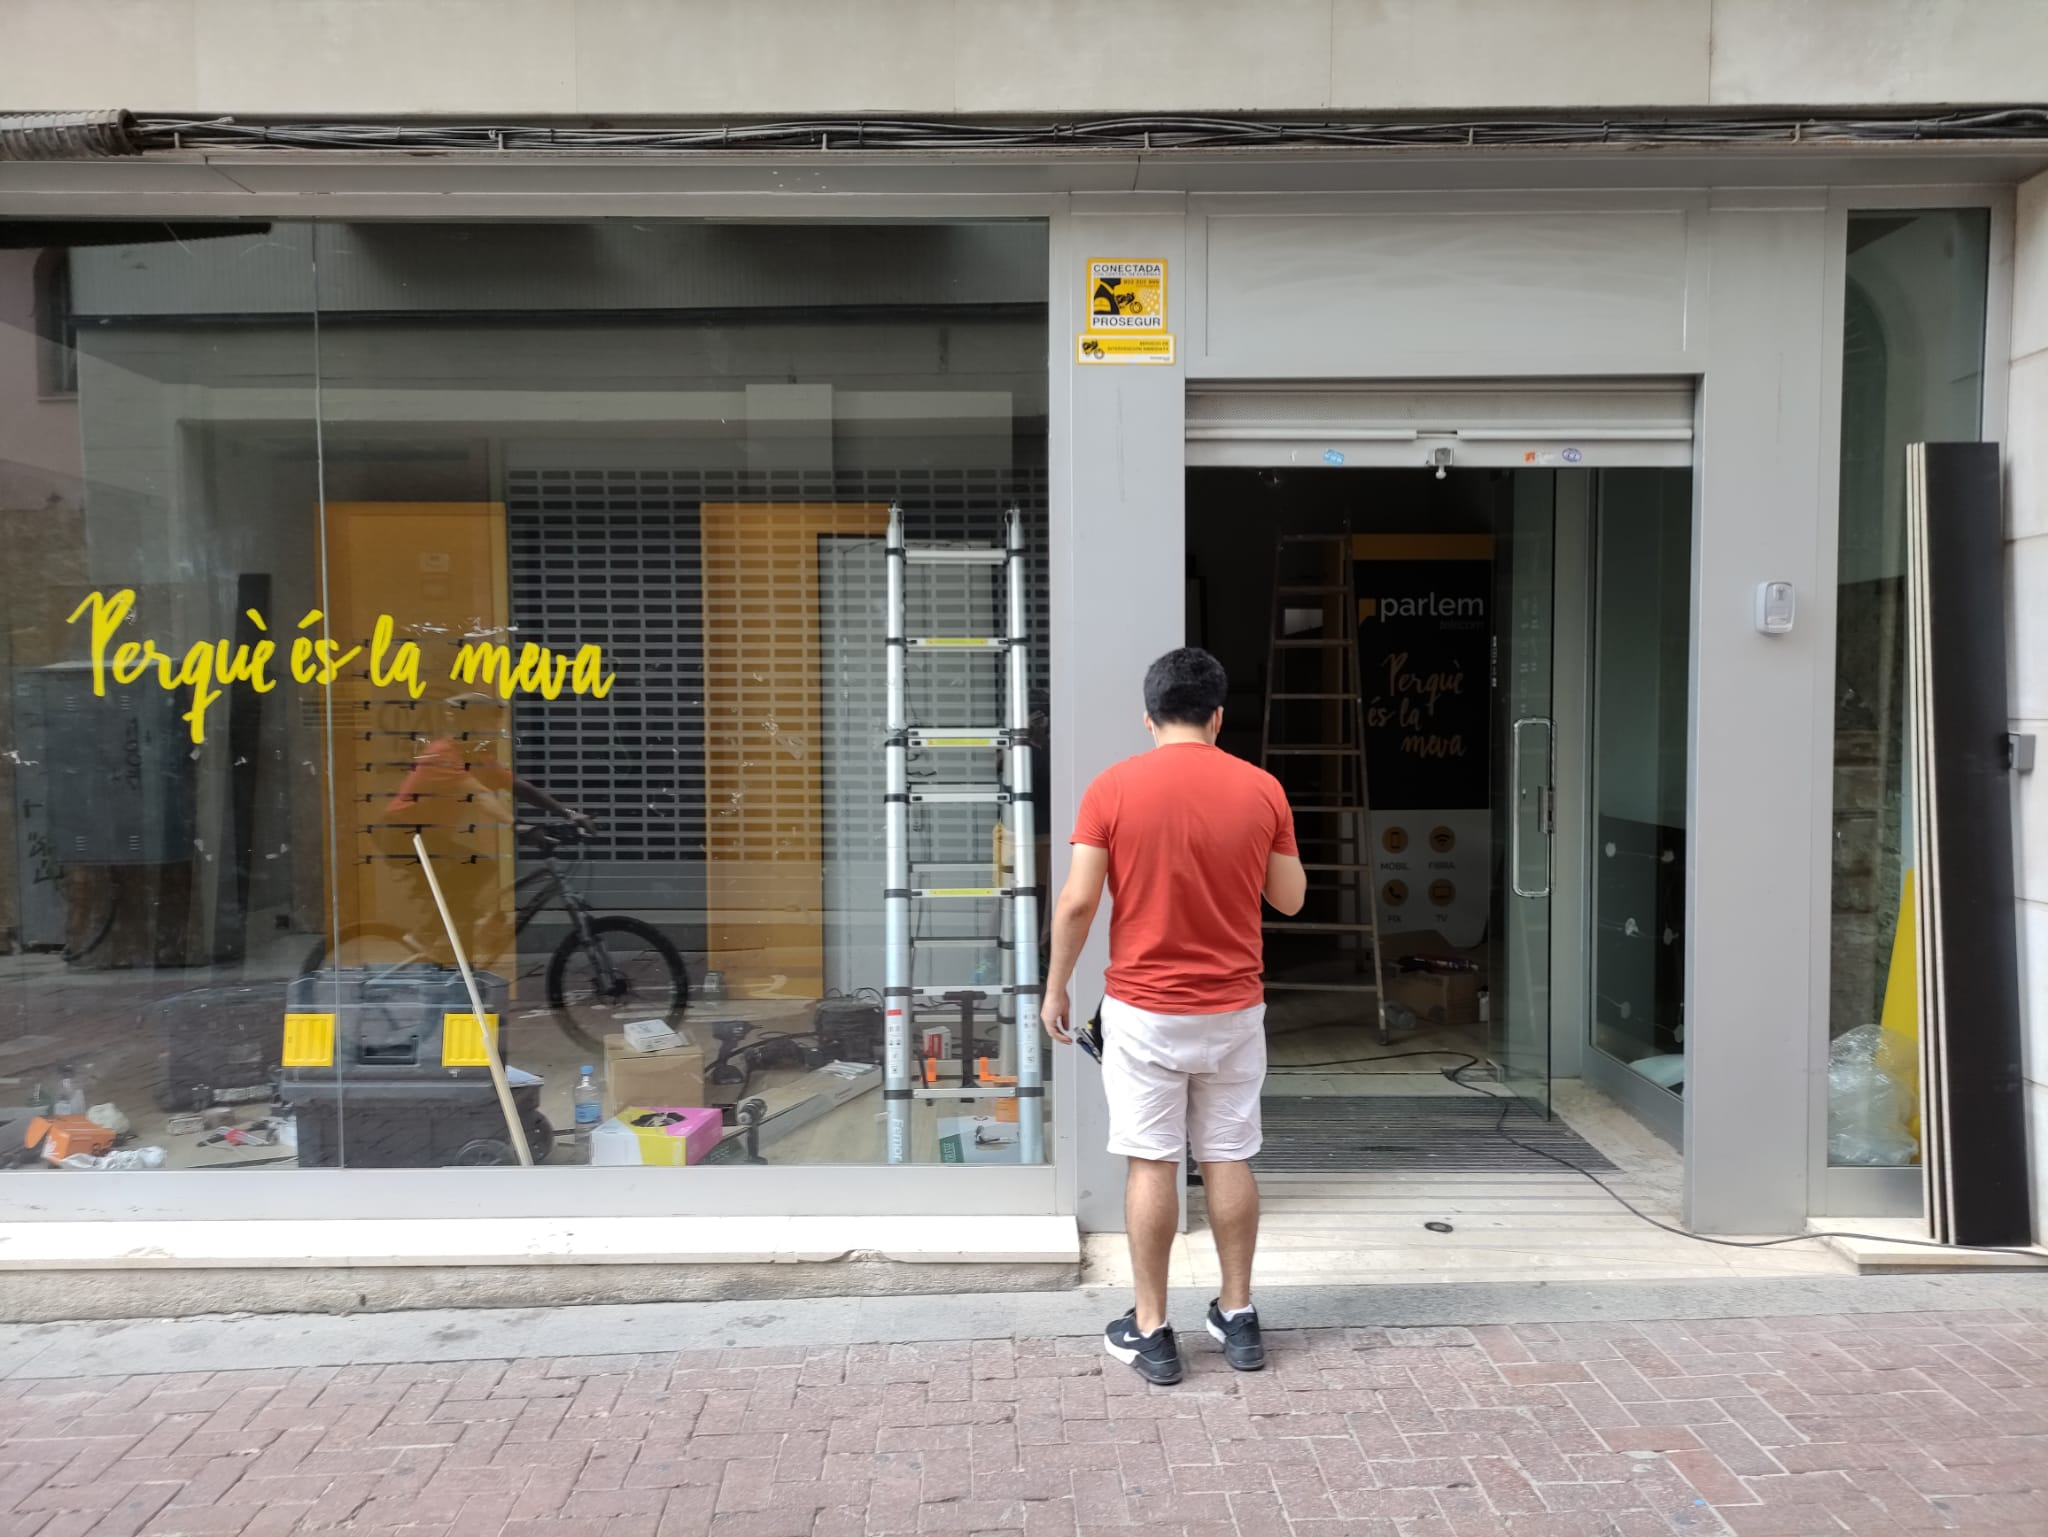 Parlem obrirà la seva primera botiga física a Terrassa | Anna Solernou